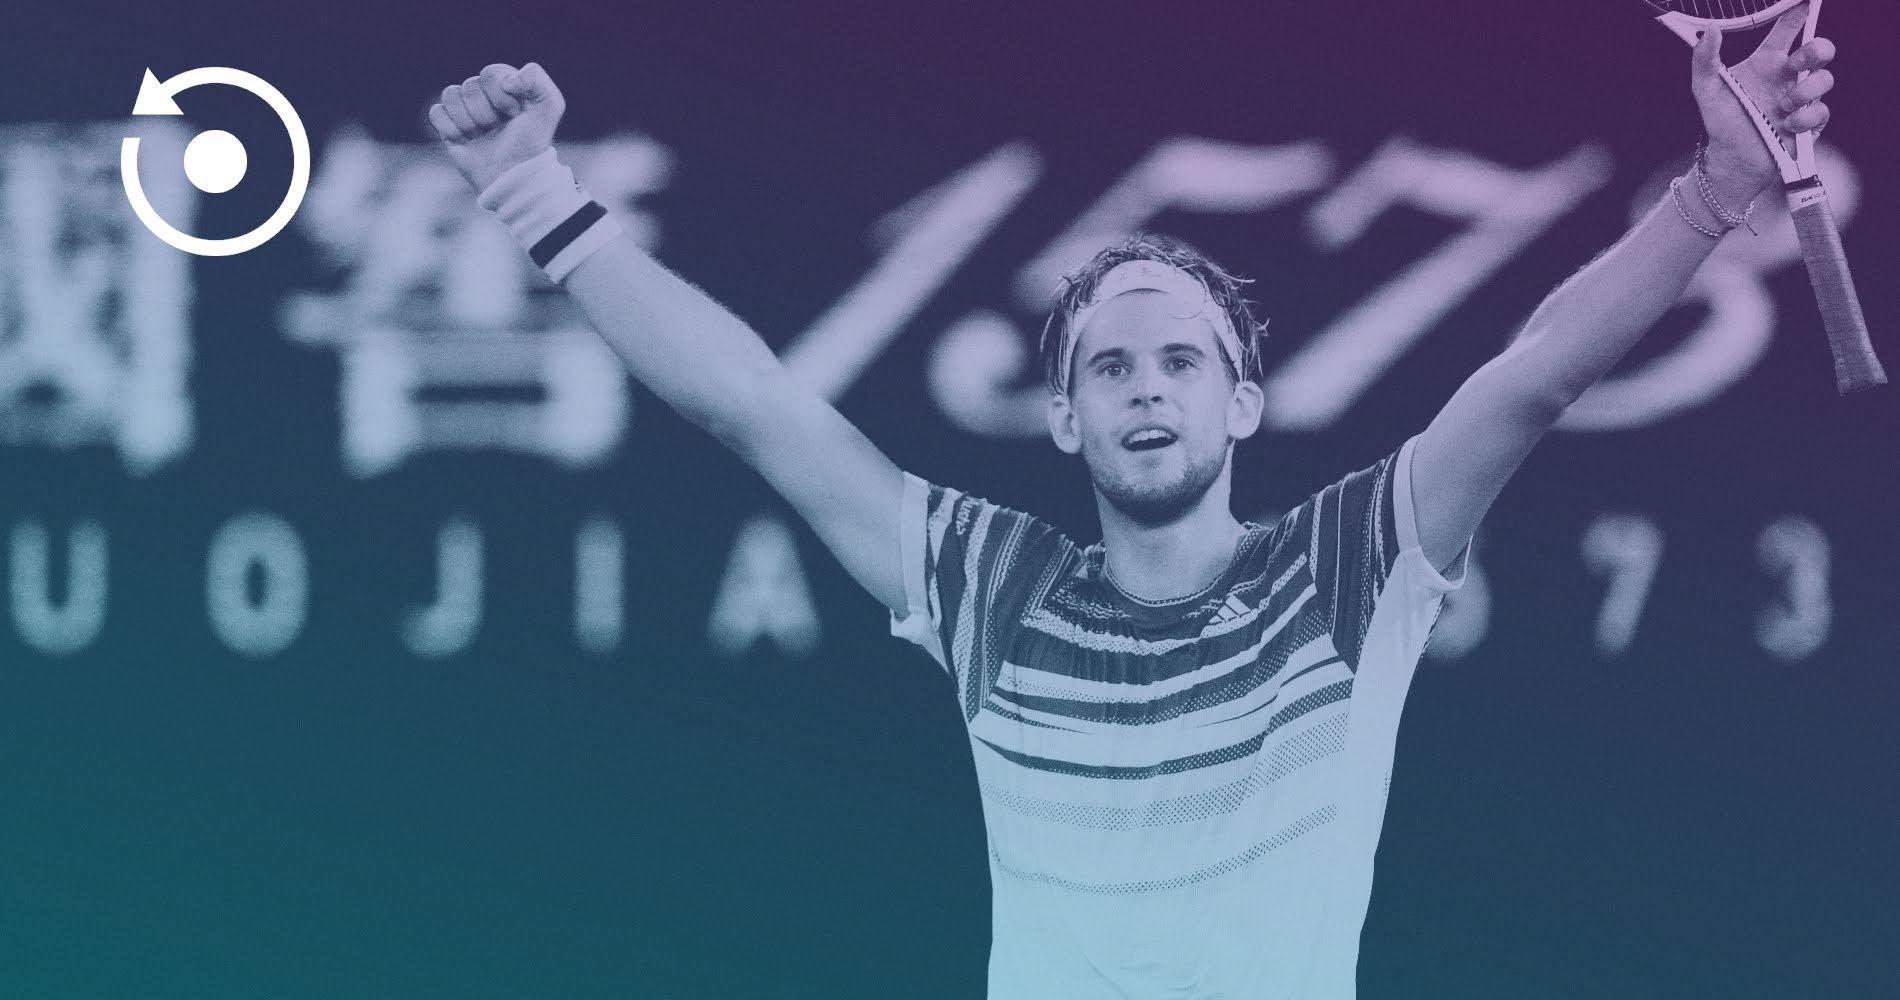 2020 recap: Dominic Thiem